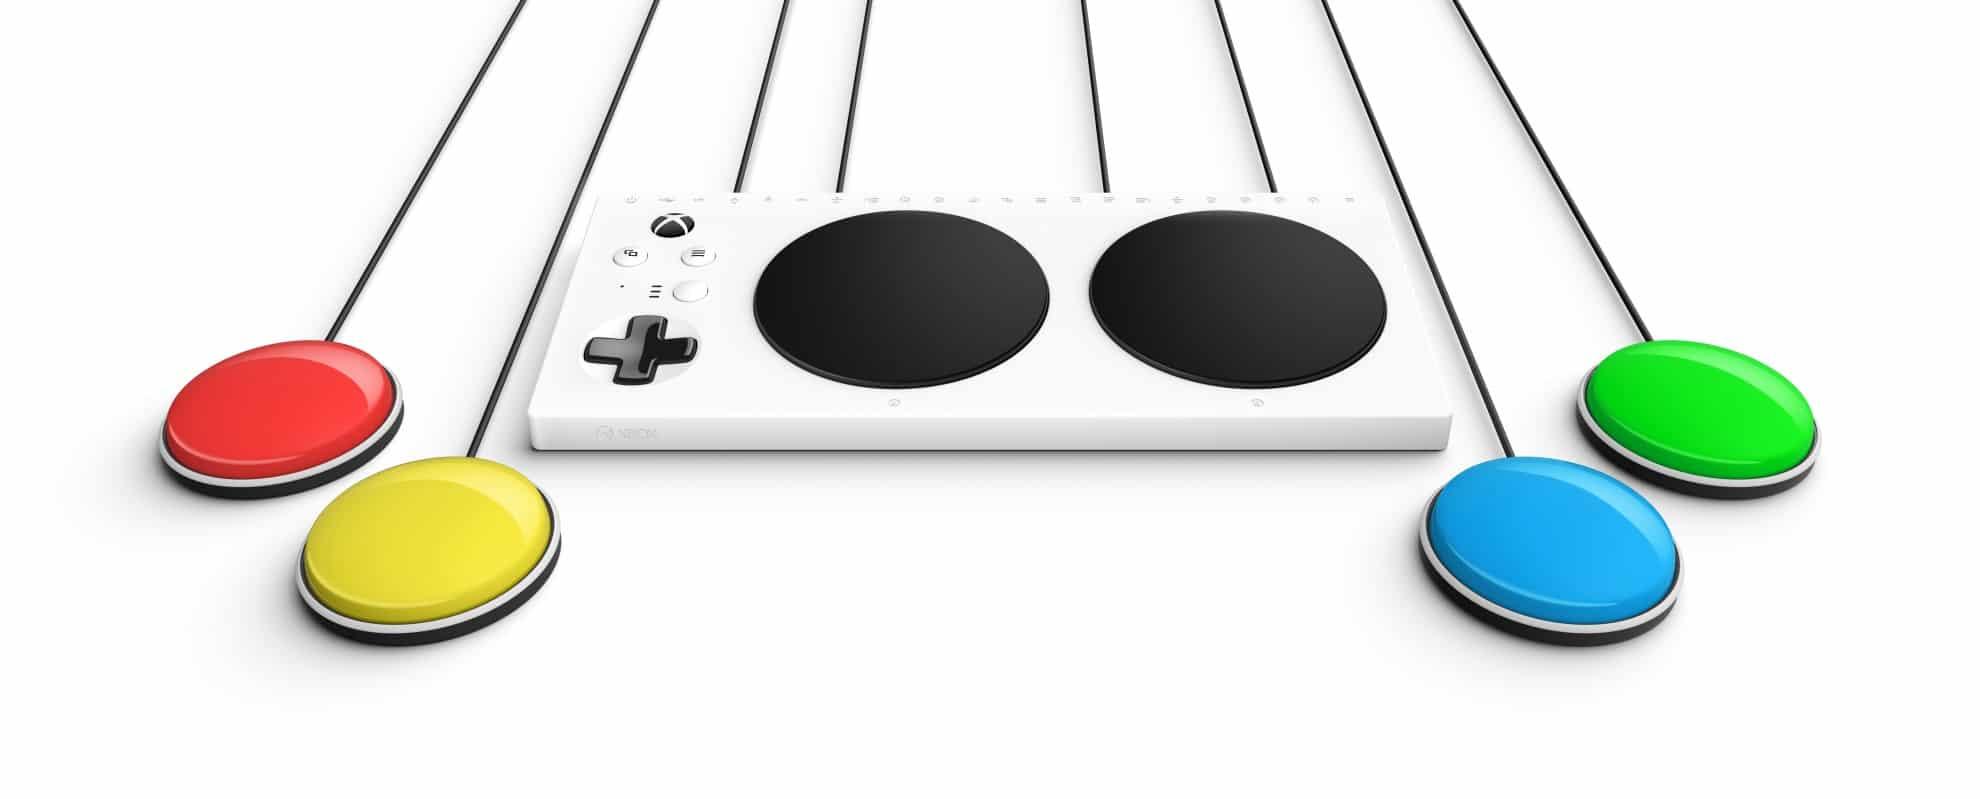 Xbox Adaptive Controller: Eingabegerät für Menschen mit Einschränkungen